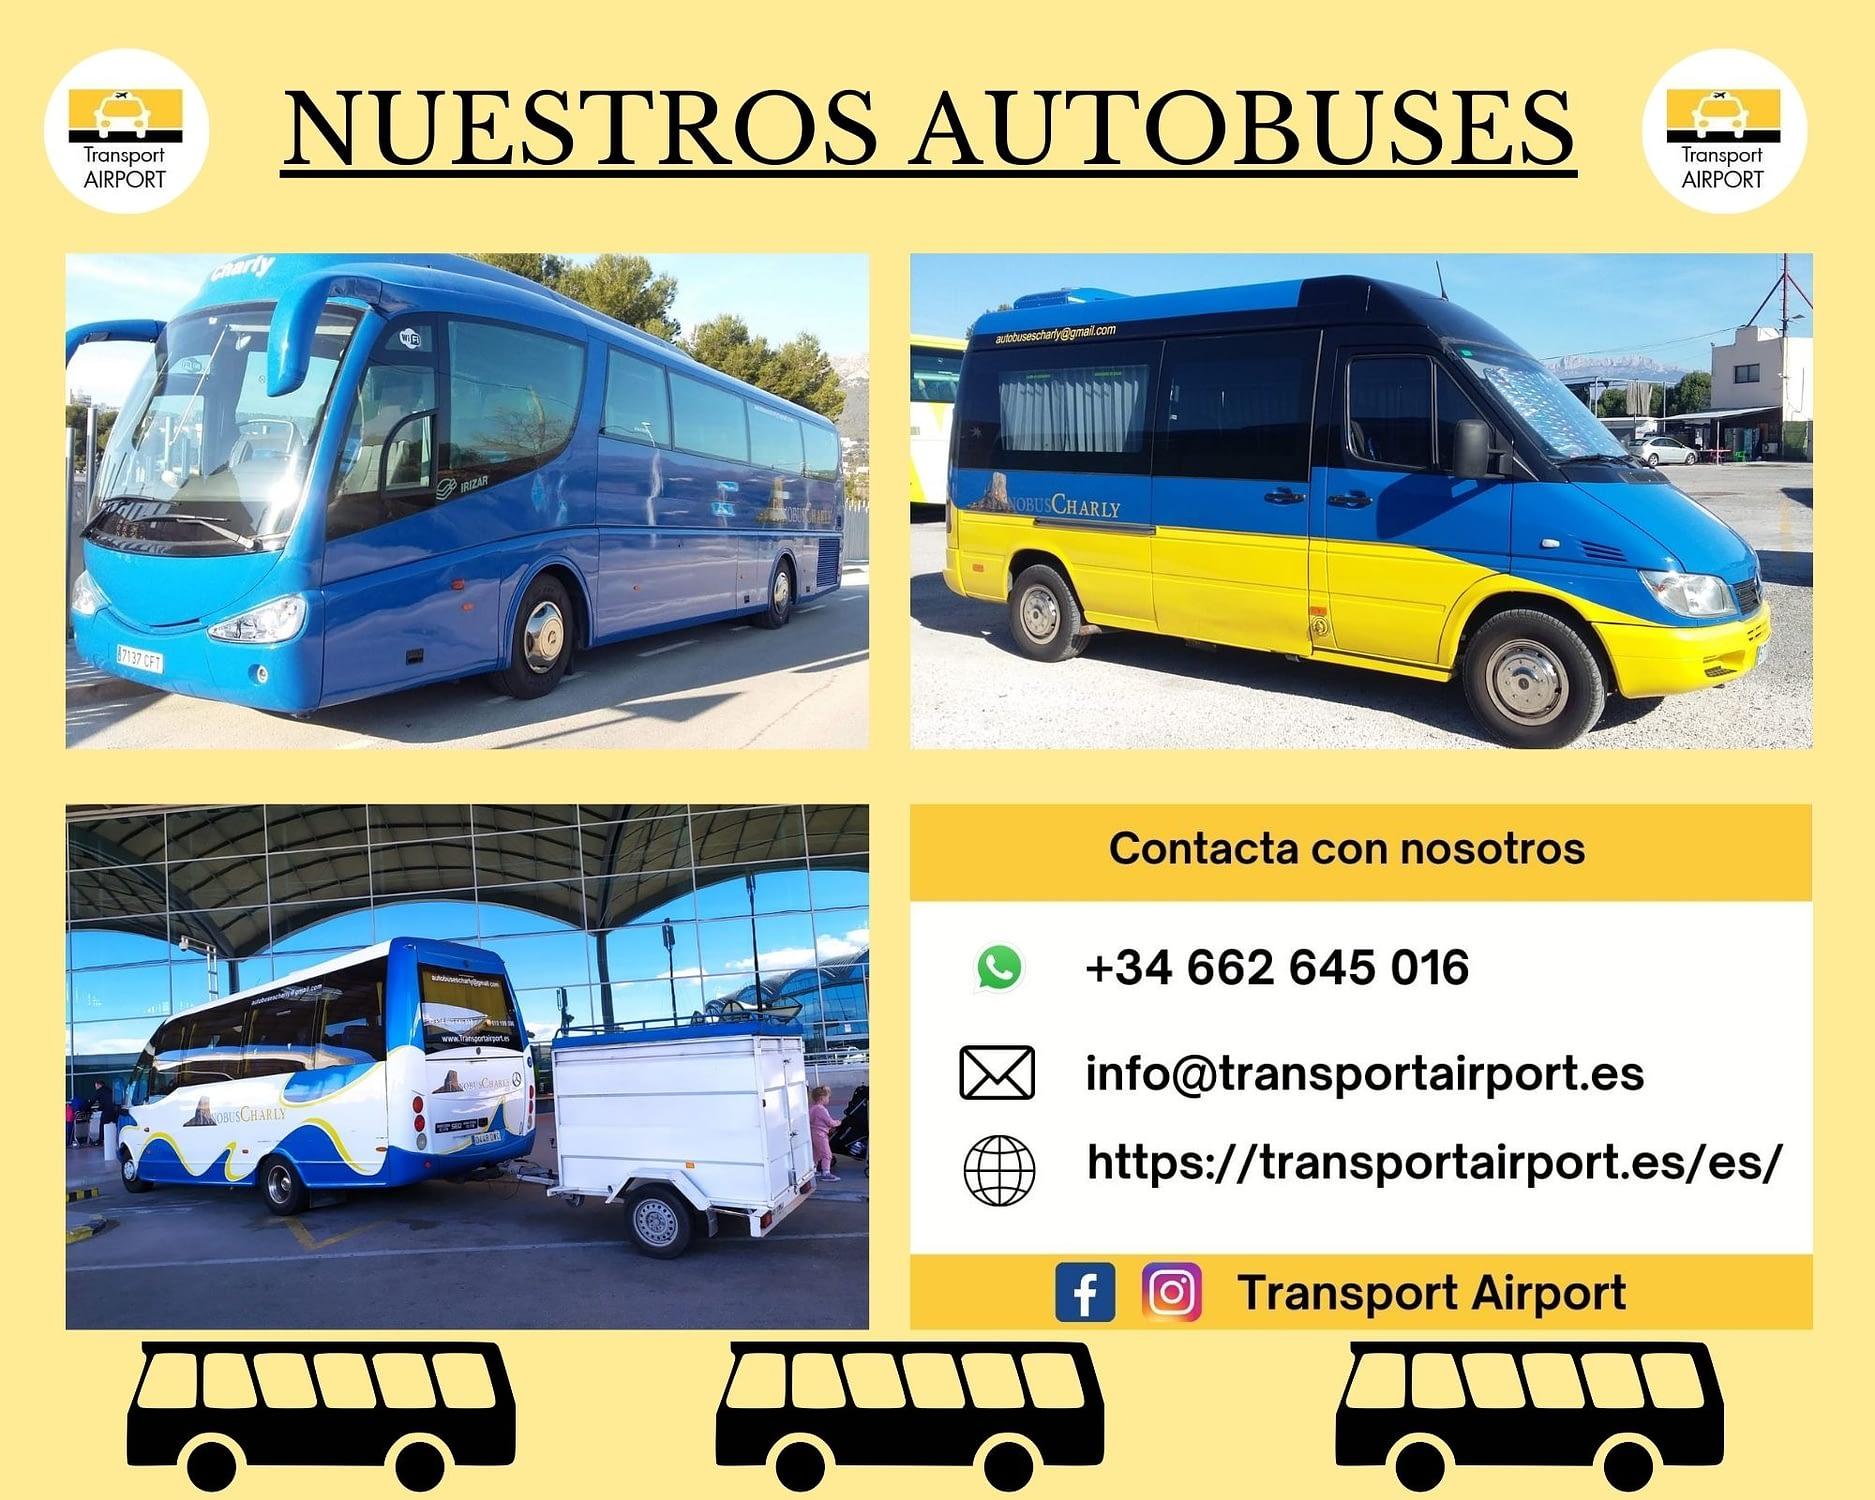 Transport Airport - Empresa de transportes